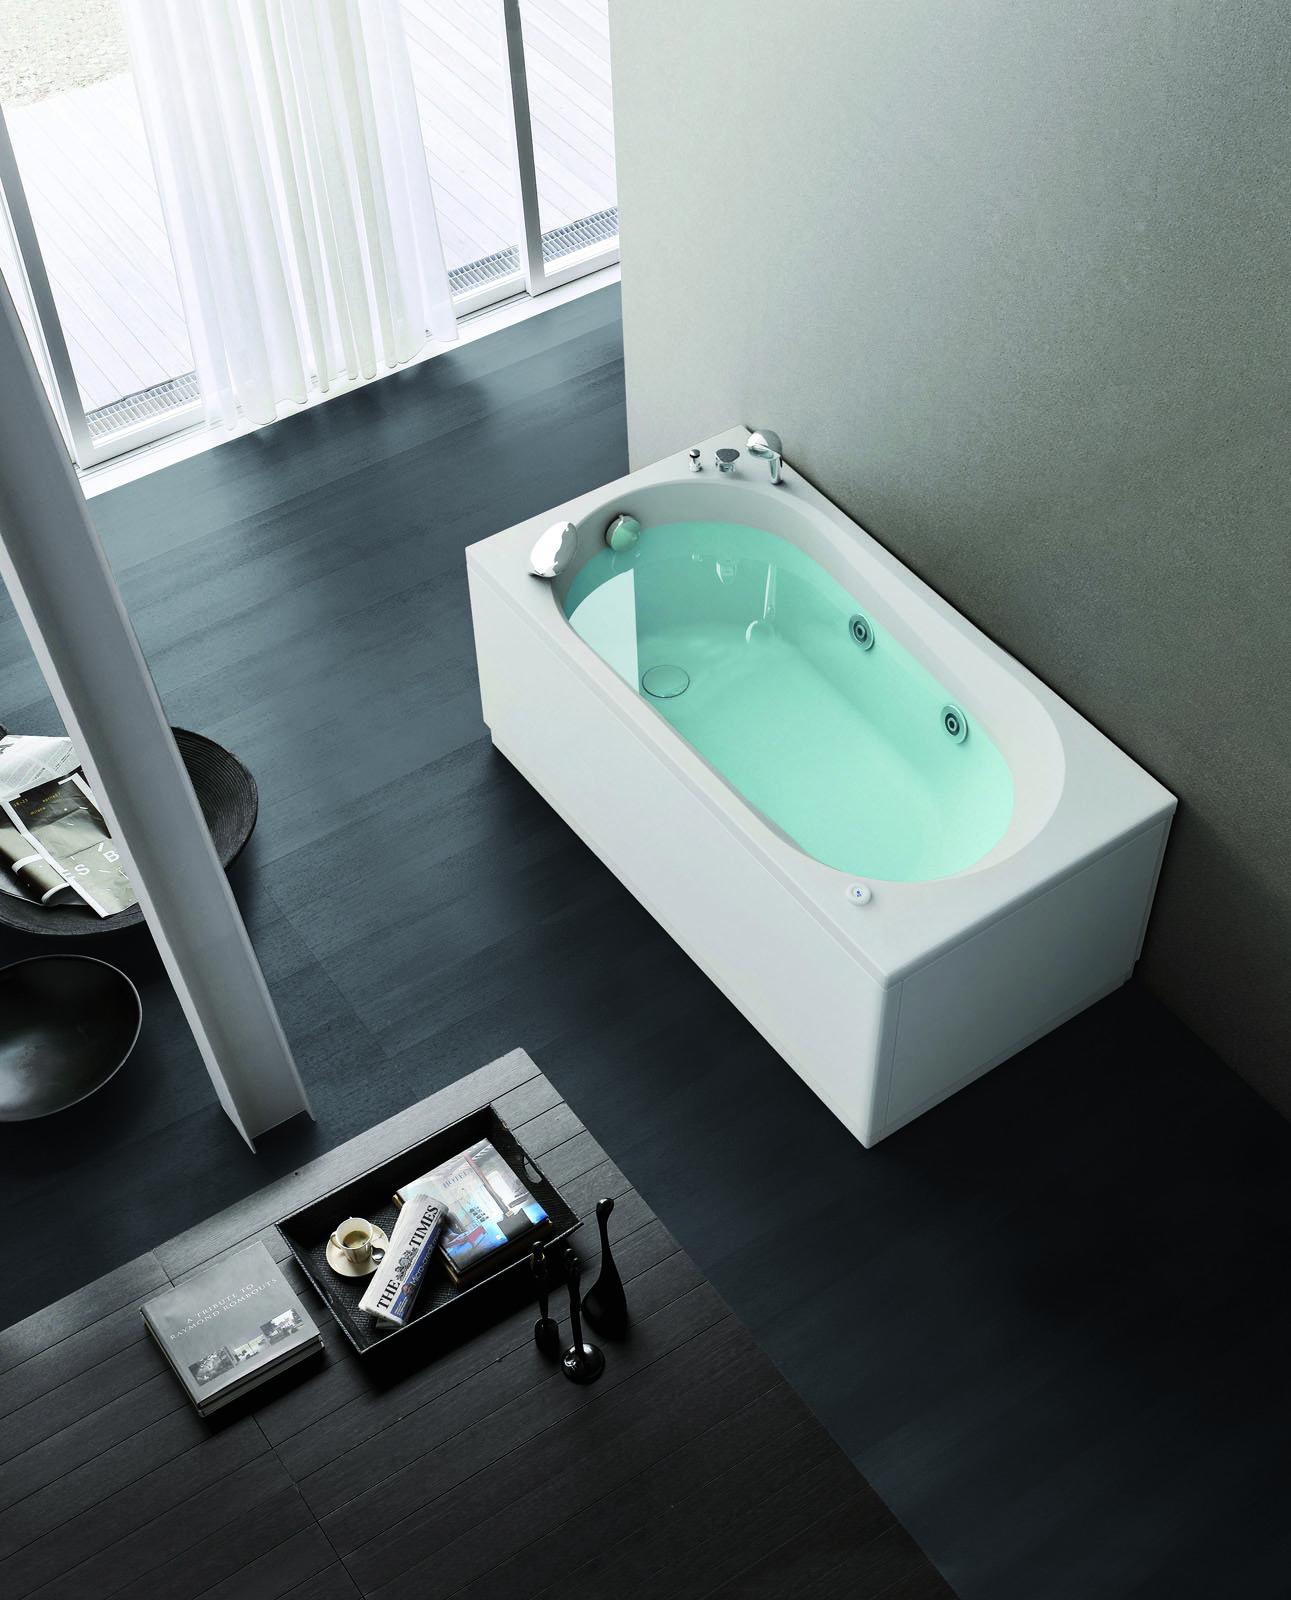 Vasche da bagno piccole cose di casa - Vasche da bagno piccole con seduta ...